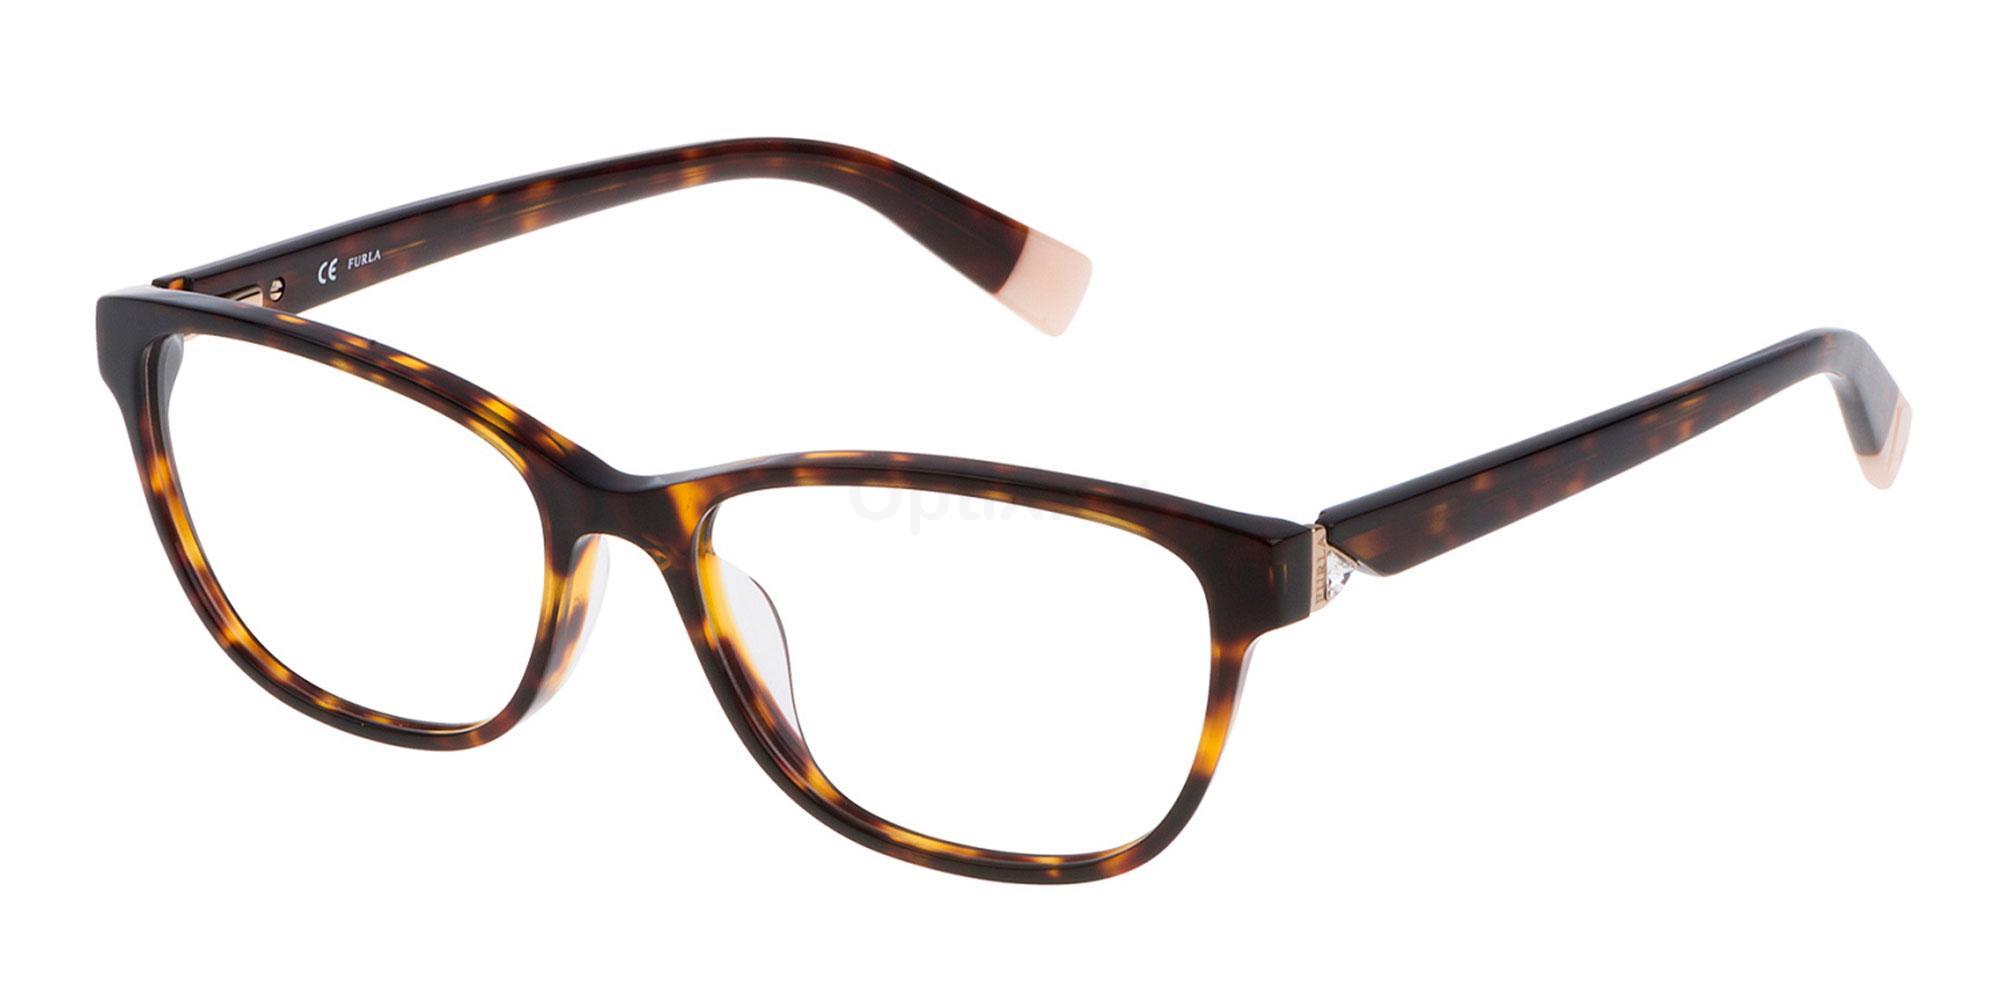 0743 VU4948R Glasses, Furla